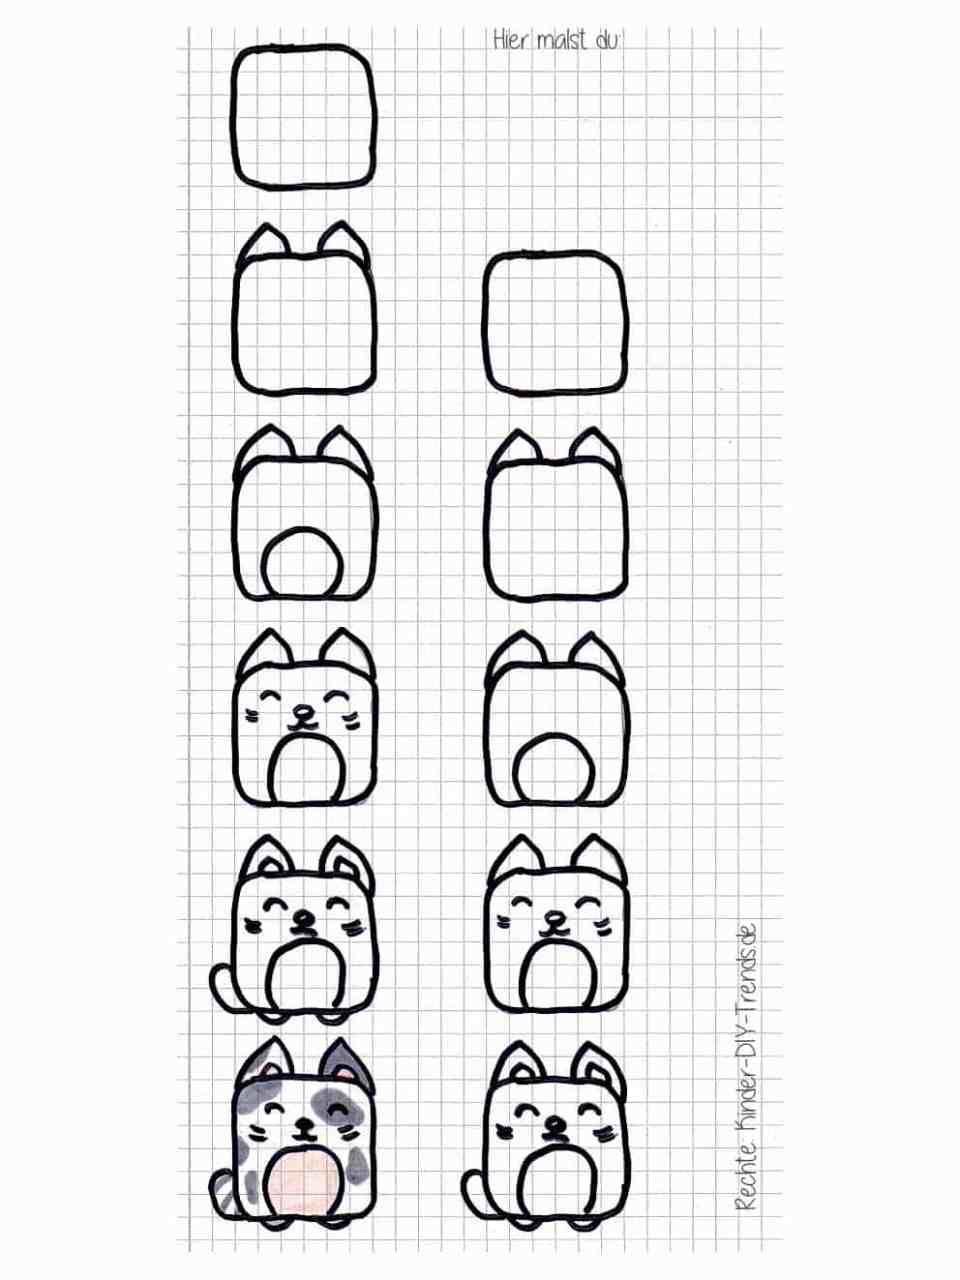 Square Animals Zeichnen Do It Yourself Trends Fur Kinder Kinder Zeichnen Zeichnen Lernen Zeichnen Lernen Fur Kinder